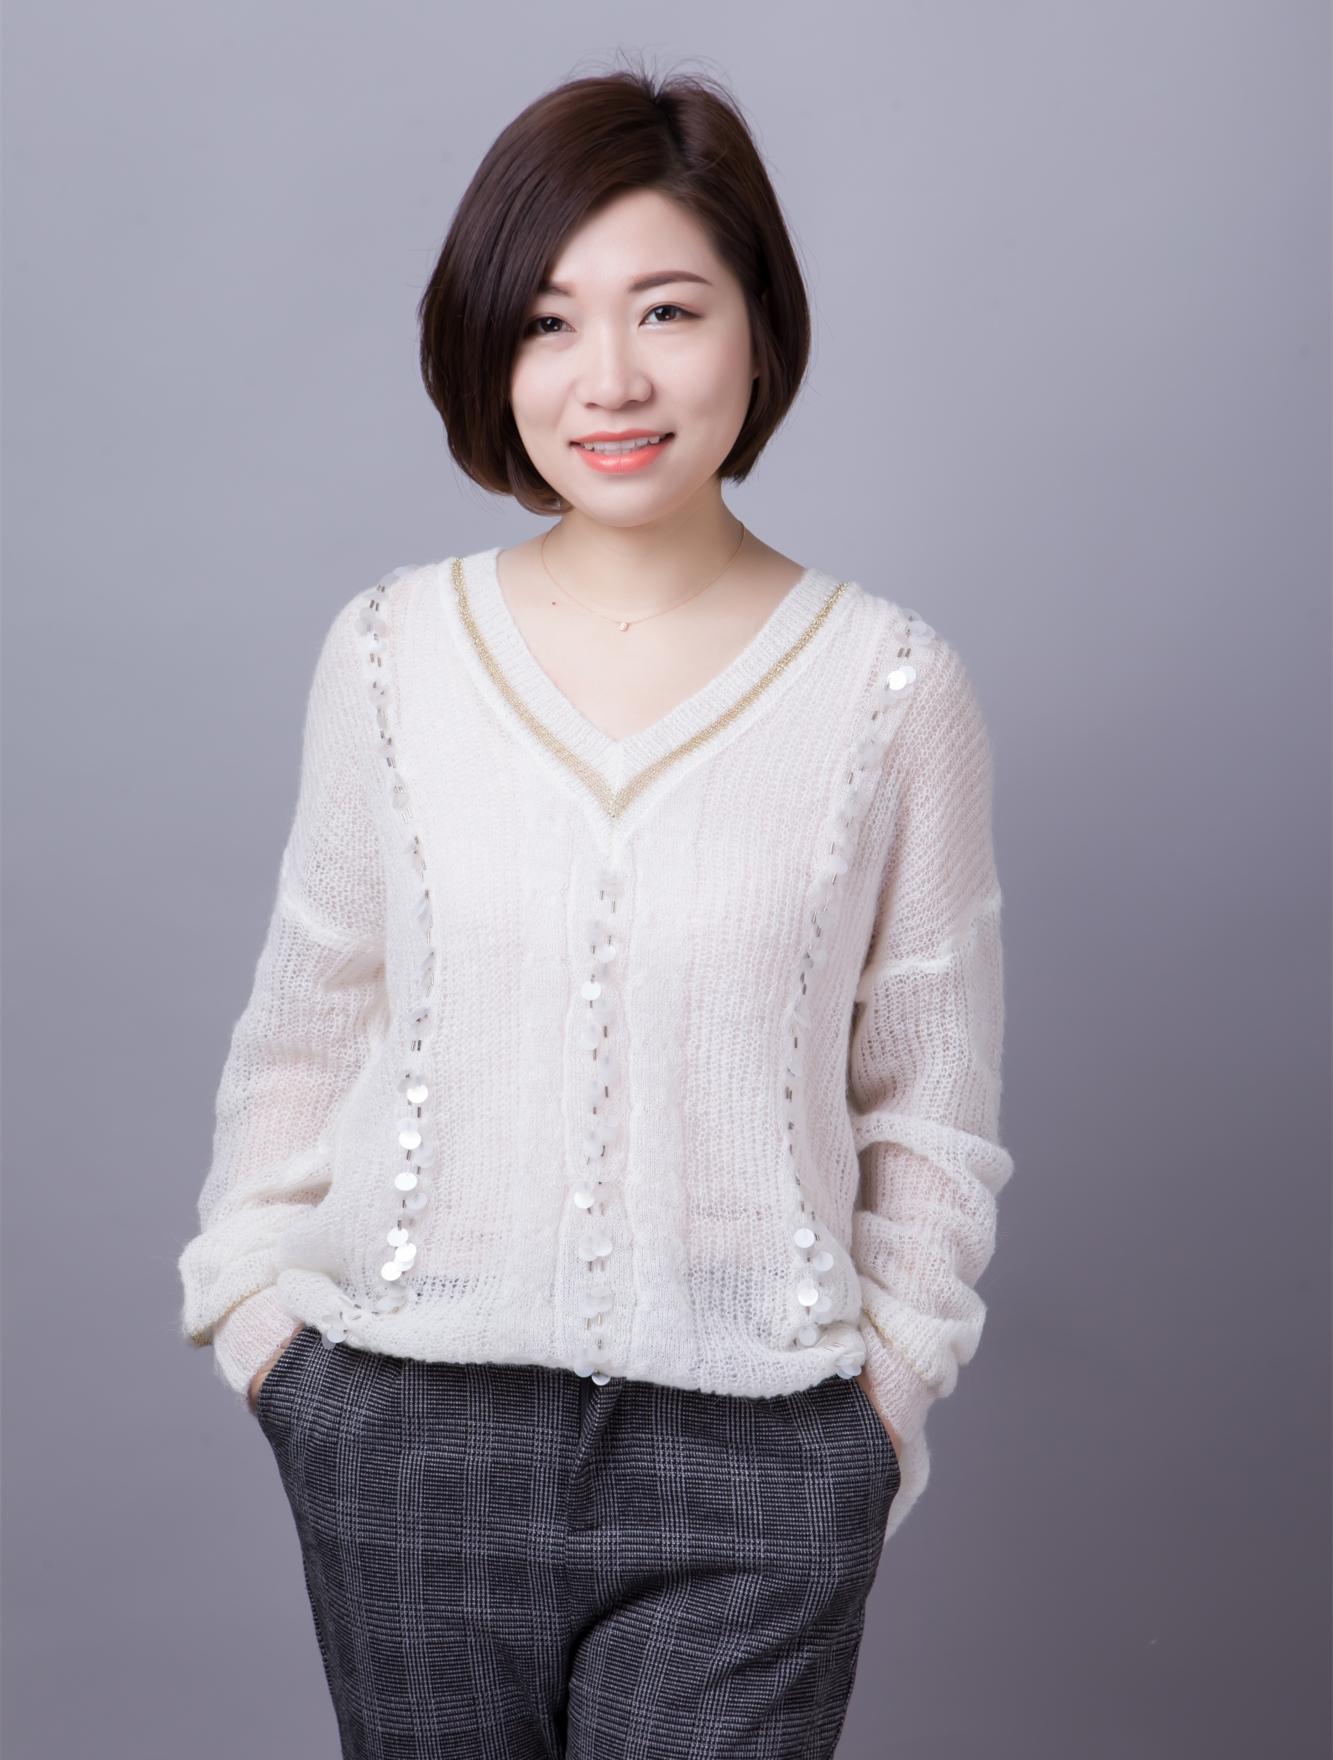 锦华装饰设计师-崔蓉蓉